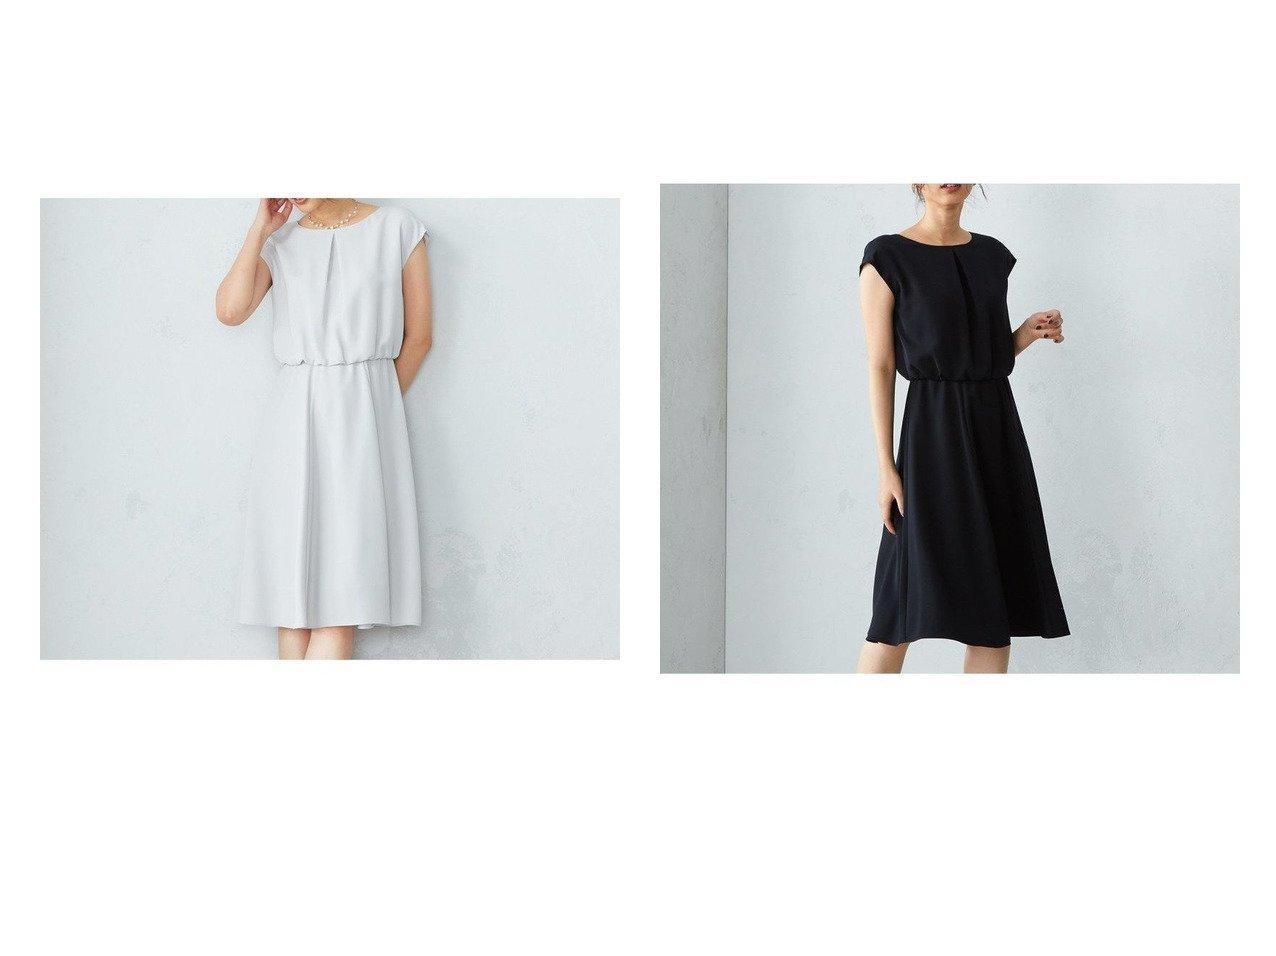 【COMME CA ISM/コムサイズム】の【セットアップ】ブラウジング ワンピース 【ワンピース・ドレス】おすすめ!人気、トレンド・レディースファッションの通販    レディースファッション・服の通販 founy(ファニー)